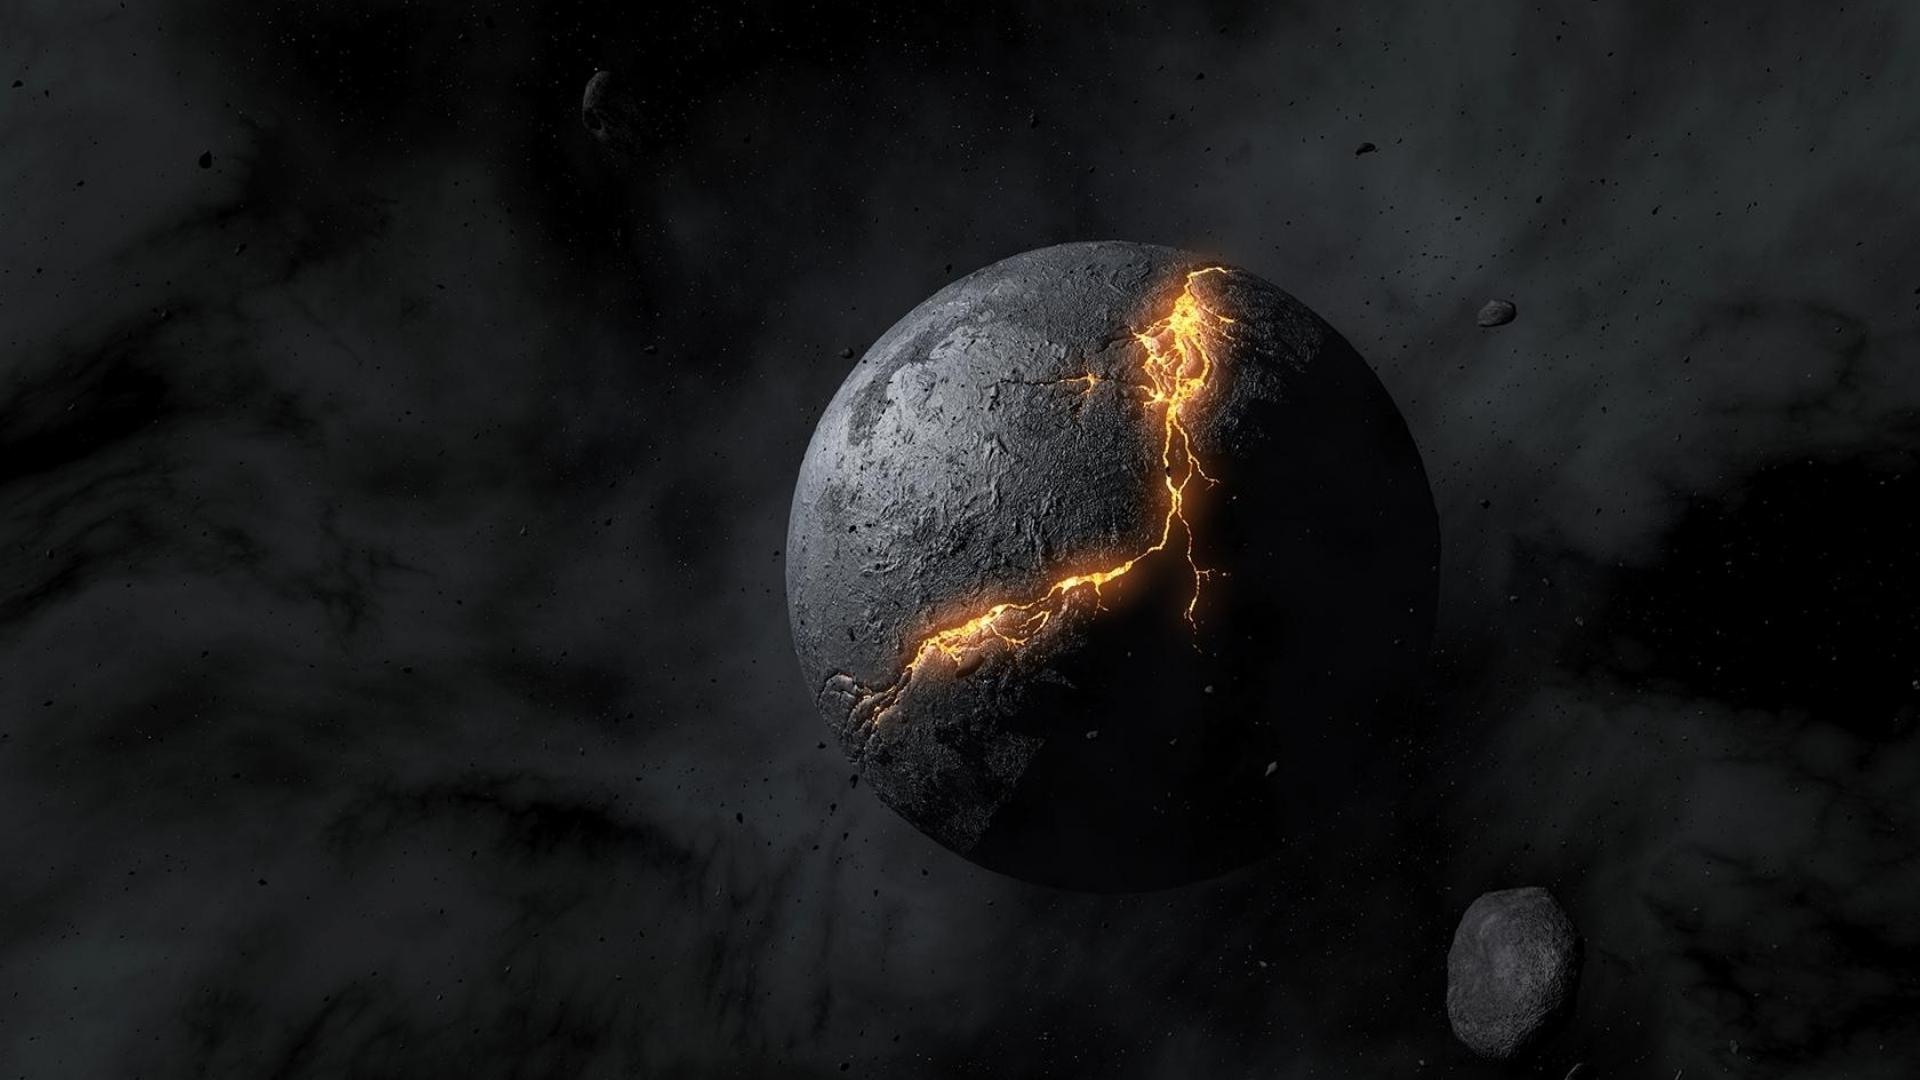 черный космос, скачать фото,  планета, лава